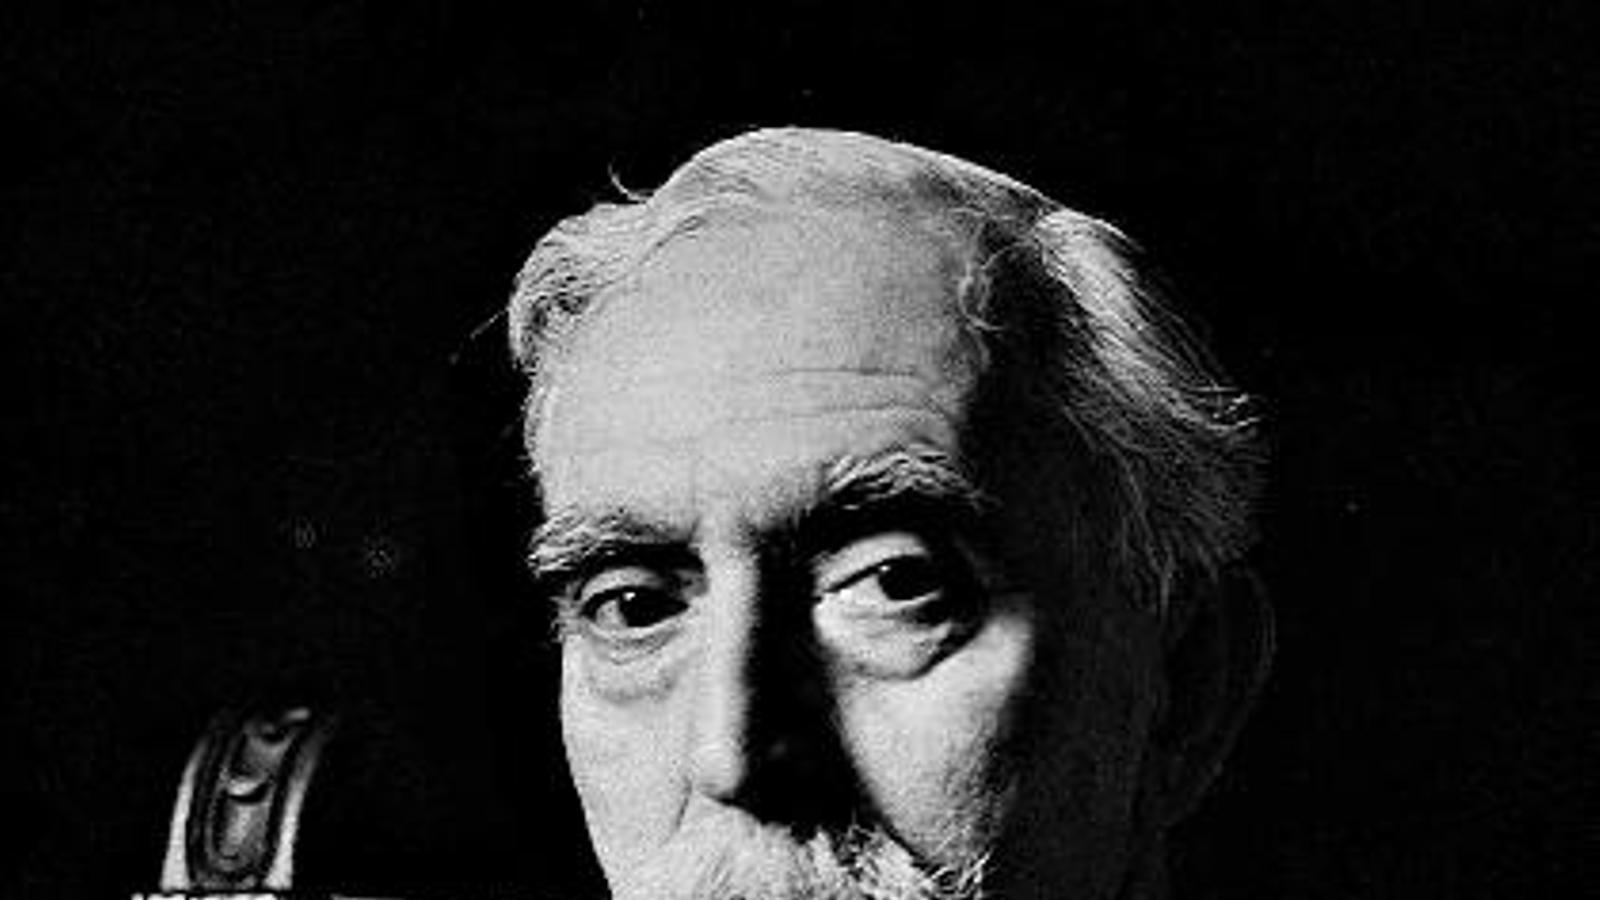 Francesc Macià va ser president dos anys, del 1931 al 1933. La seva figura segueix sent referencial per als dirigents polítics actuals. / SÀPIENS